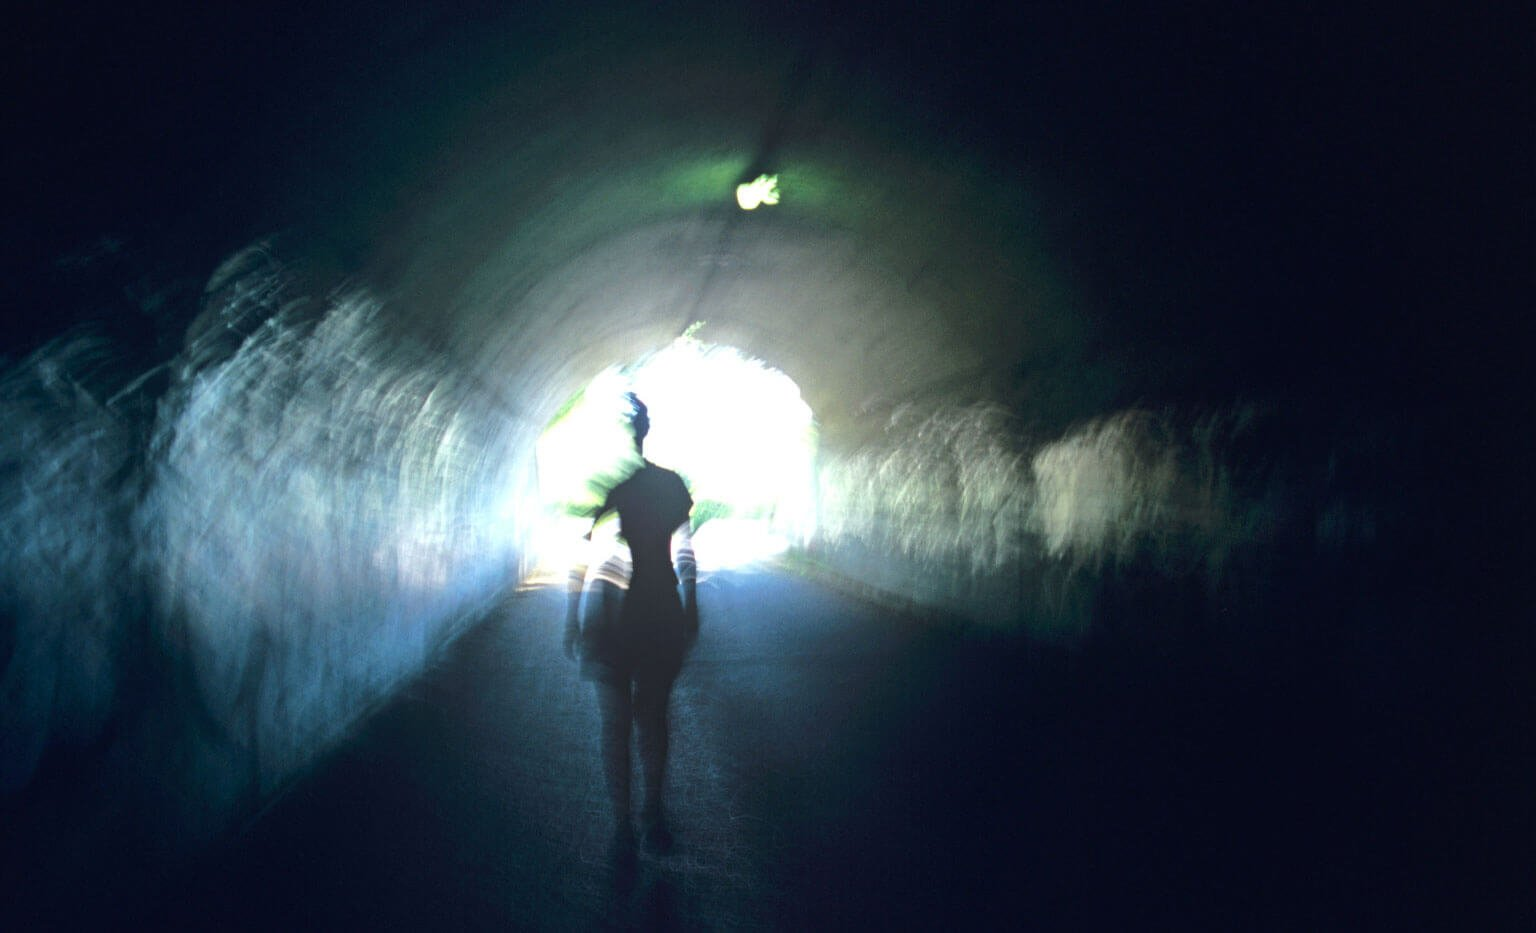 Квантовая теория о том, куда переходит сознание после смерти (2 фото + 3 видео)